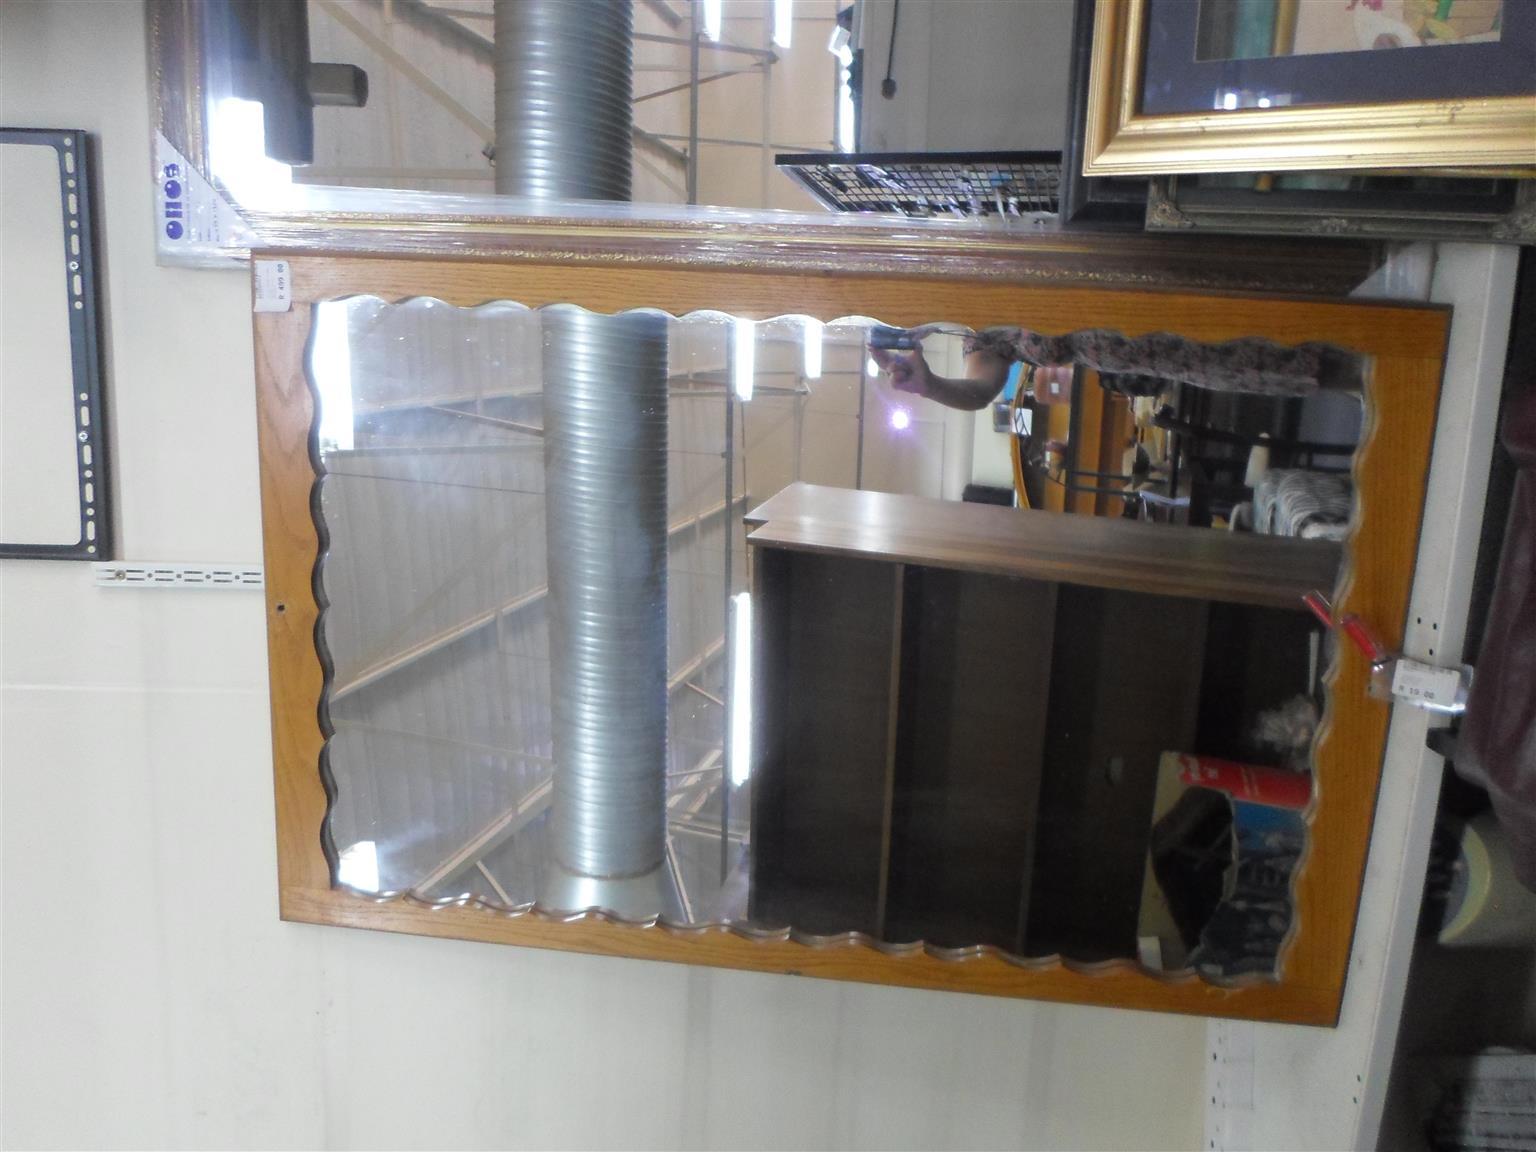 Wooden Framed Mirror - B033048442-3